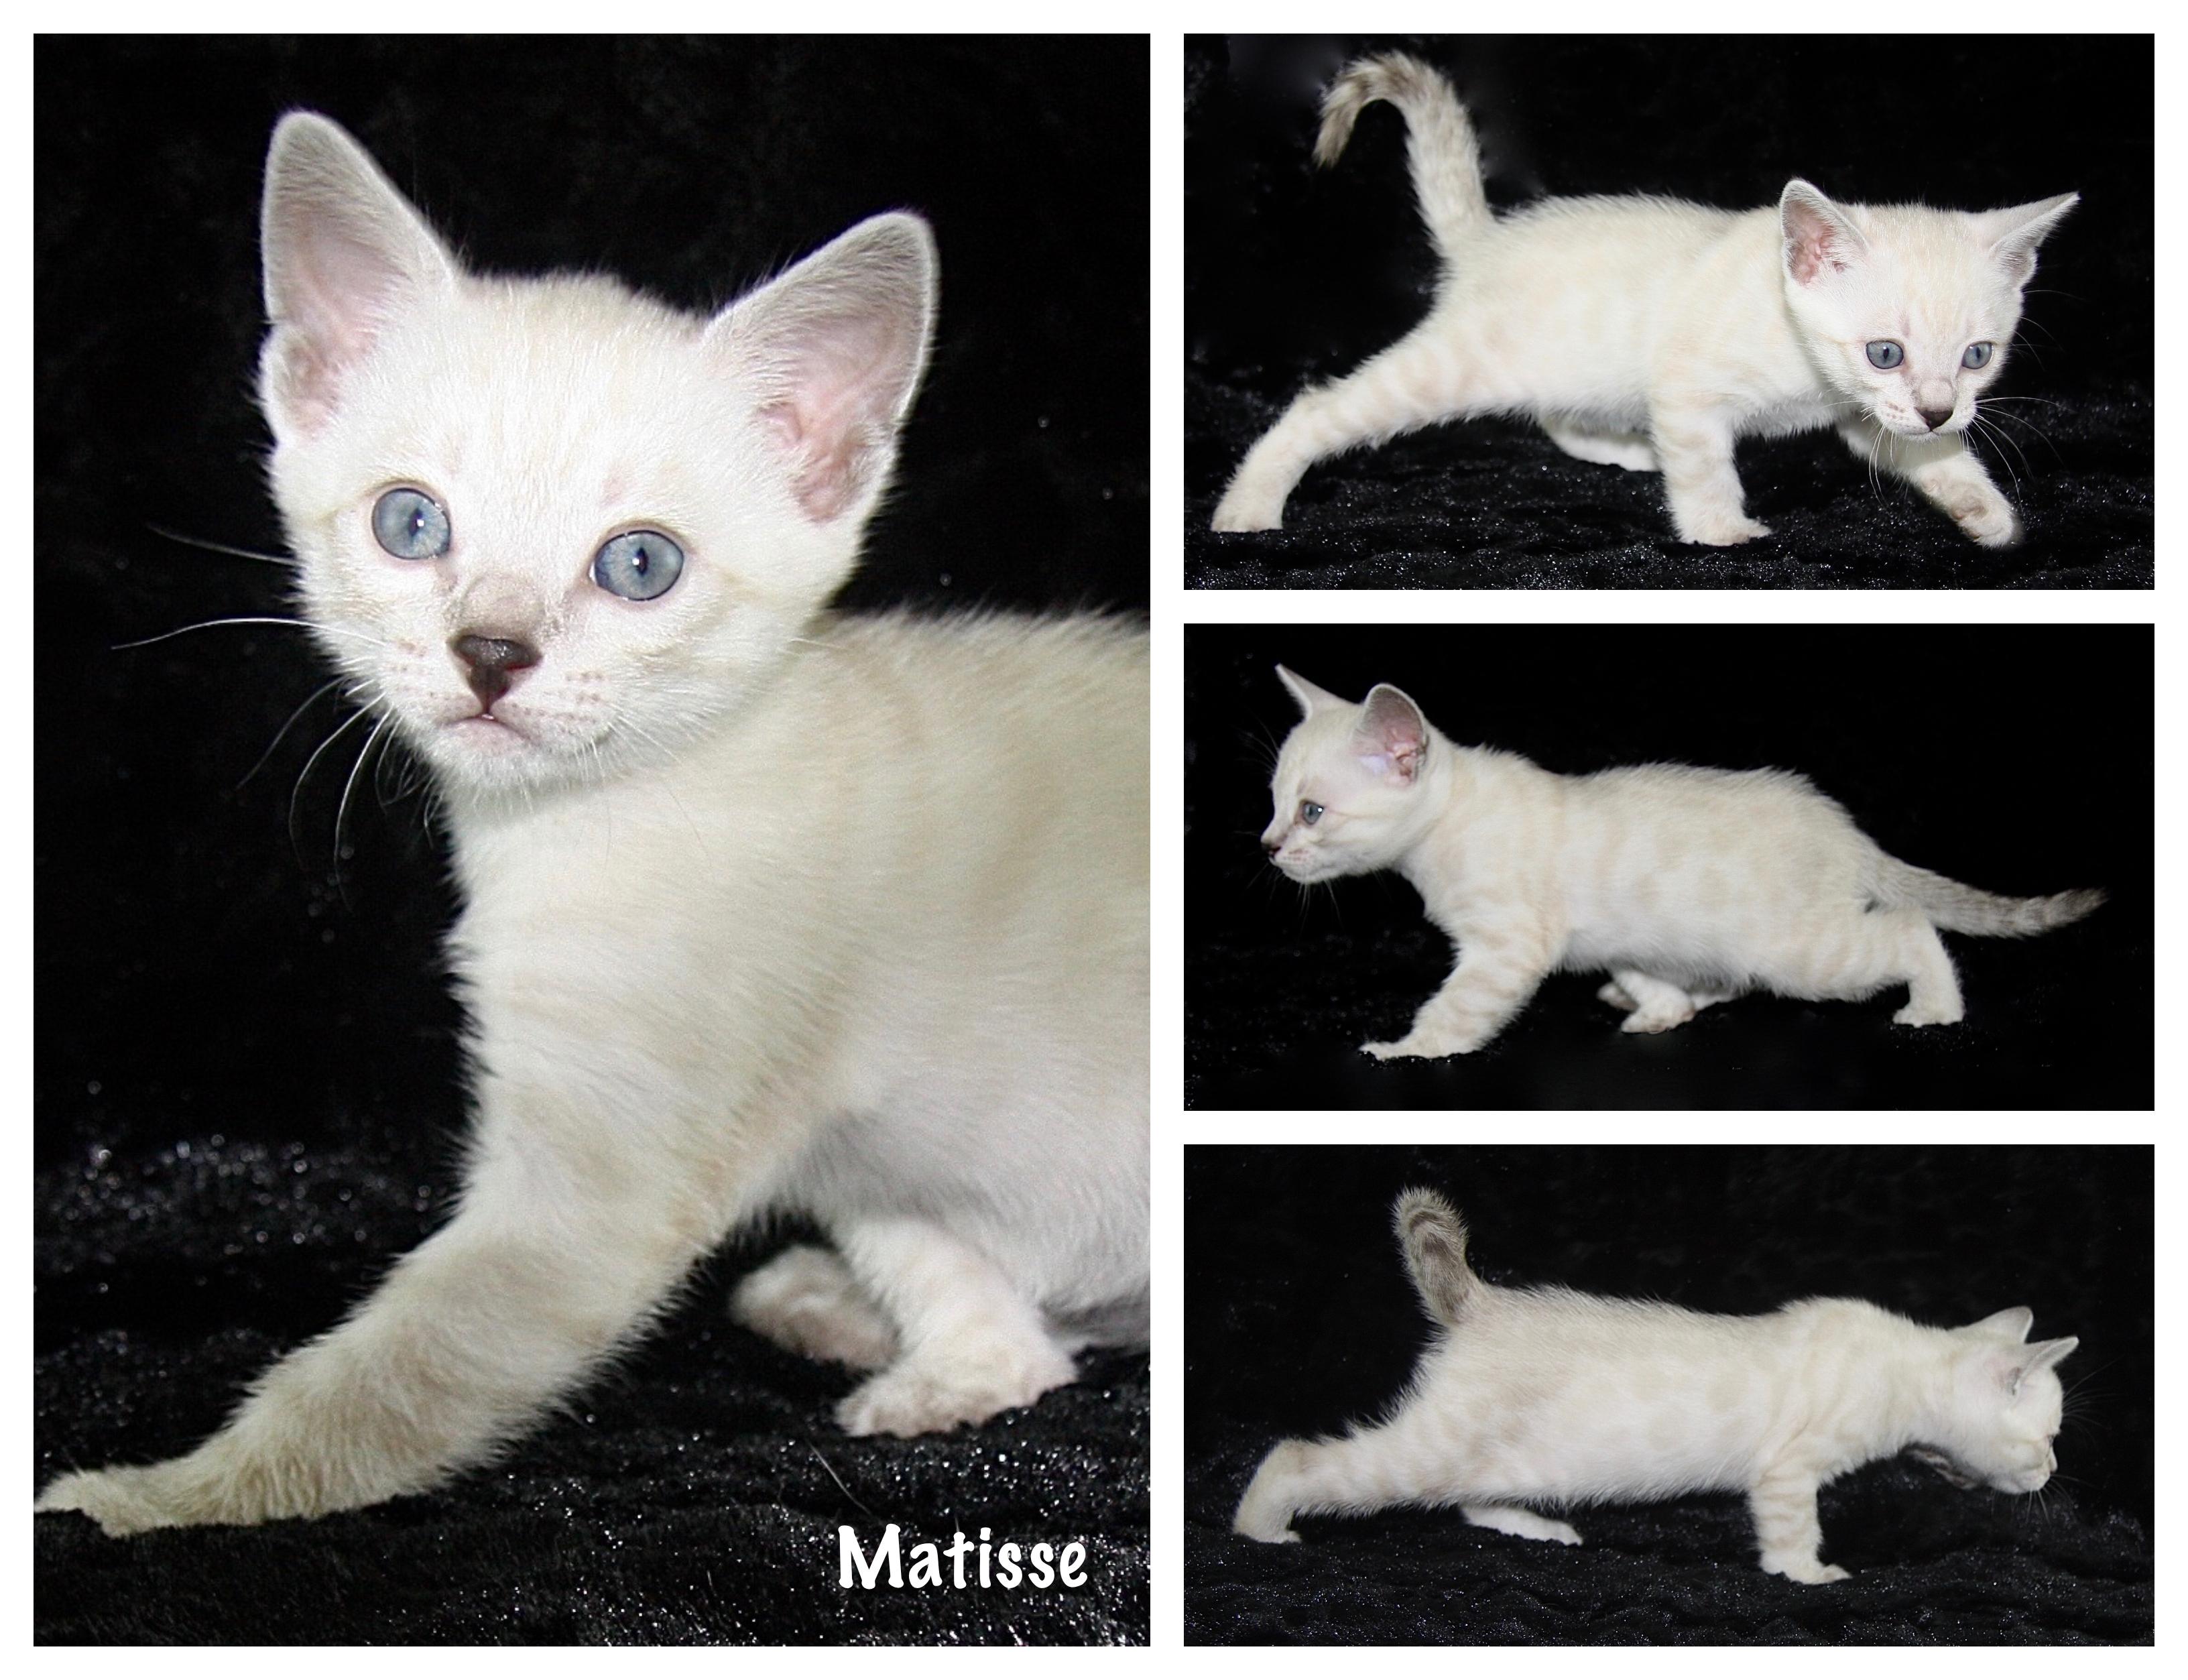 Matisse 6 weeks